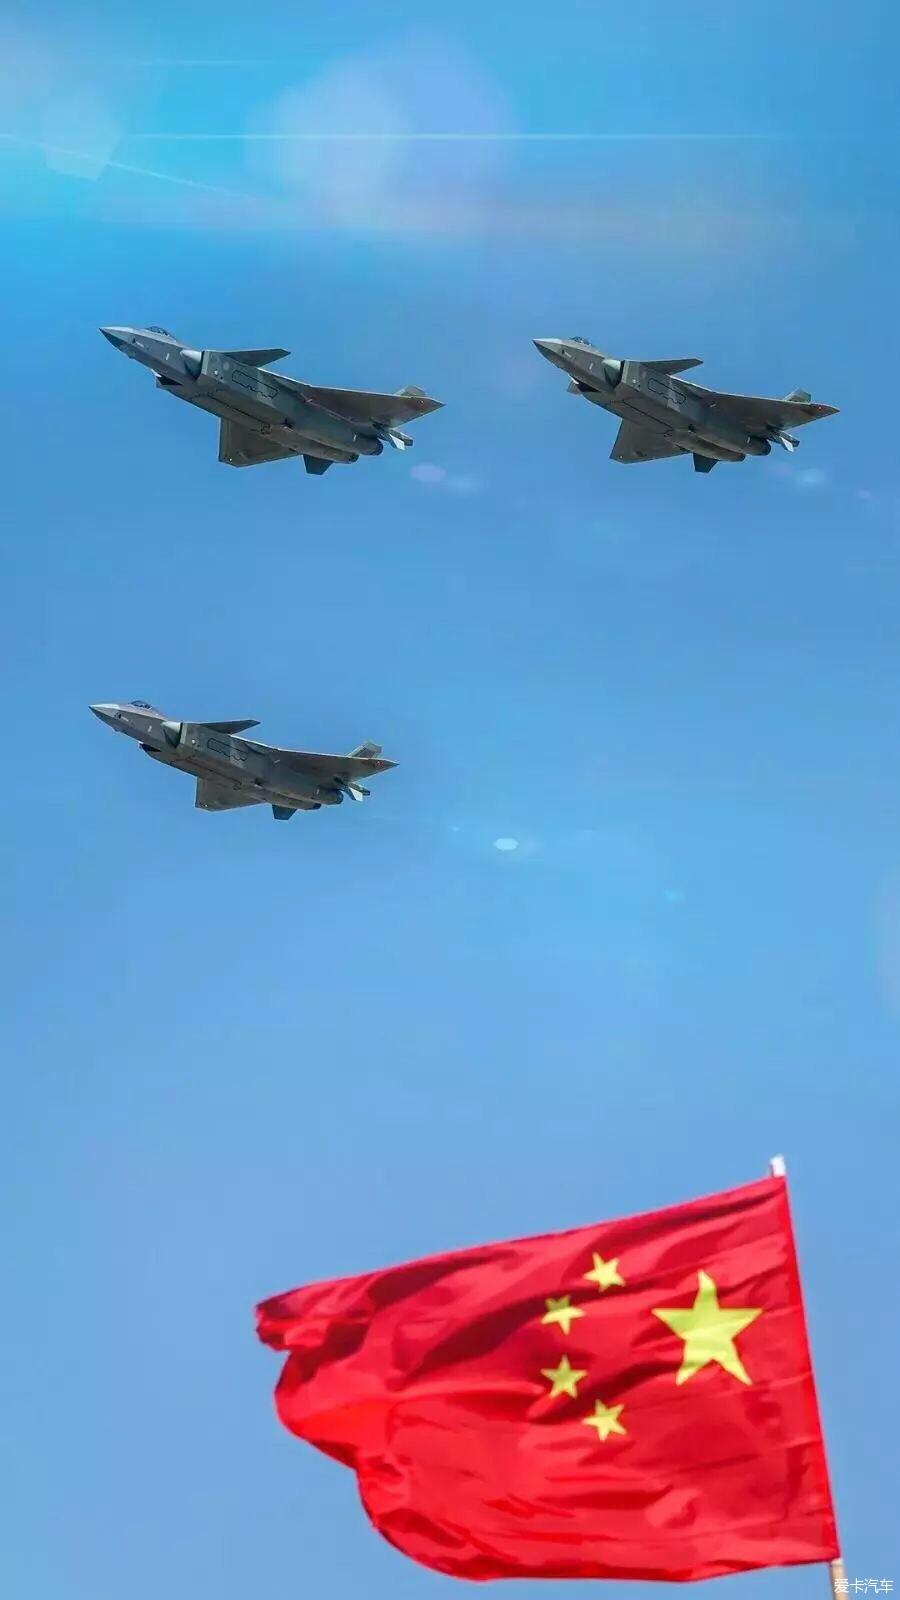 今天是11月11日,是空军建军节,祝人民空军生快!